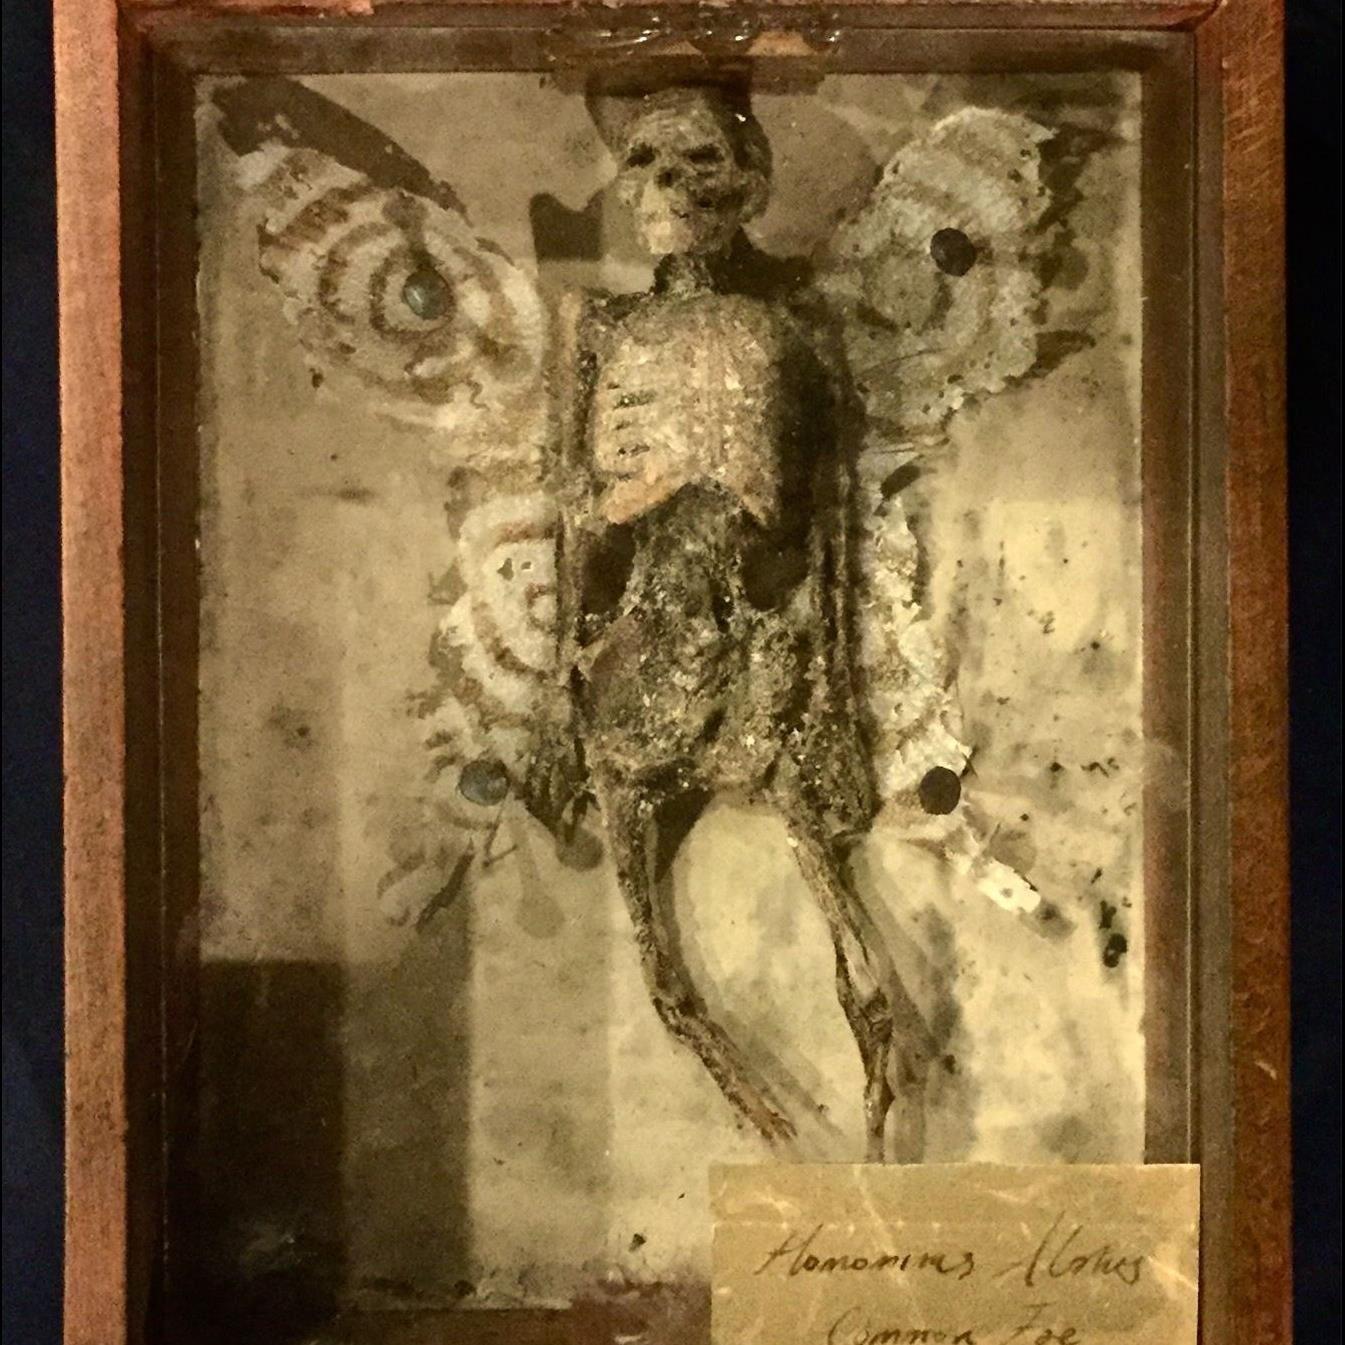 Kontakt til det hinsides - Eksklusiv aftenrundvisning i Museum Obscurum